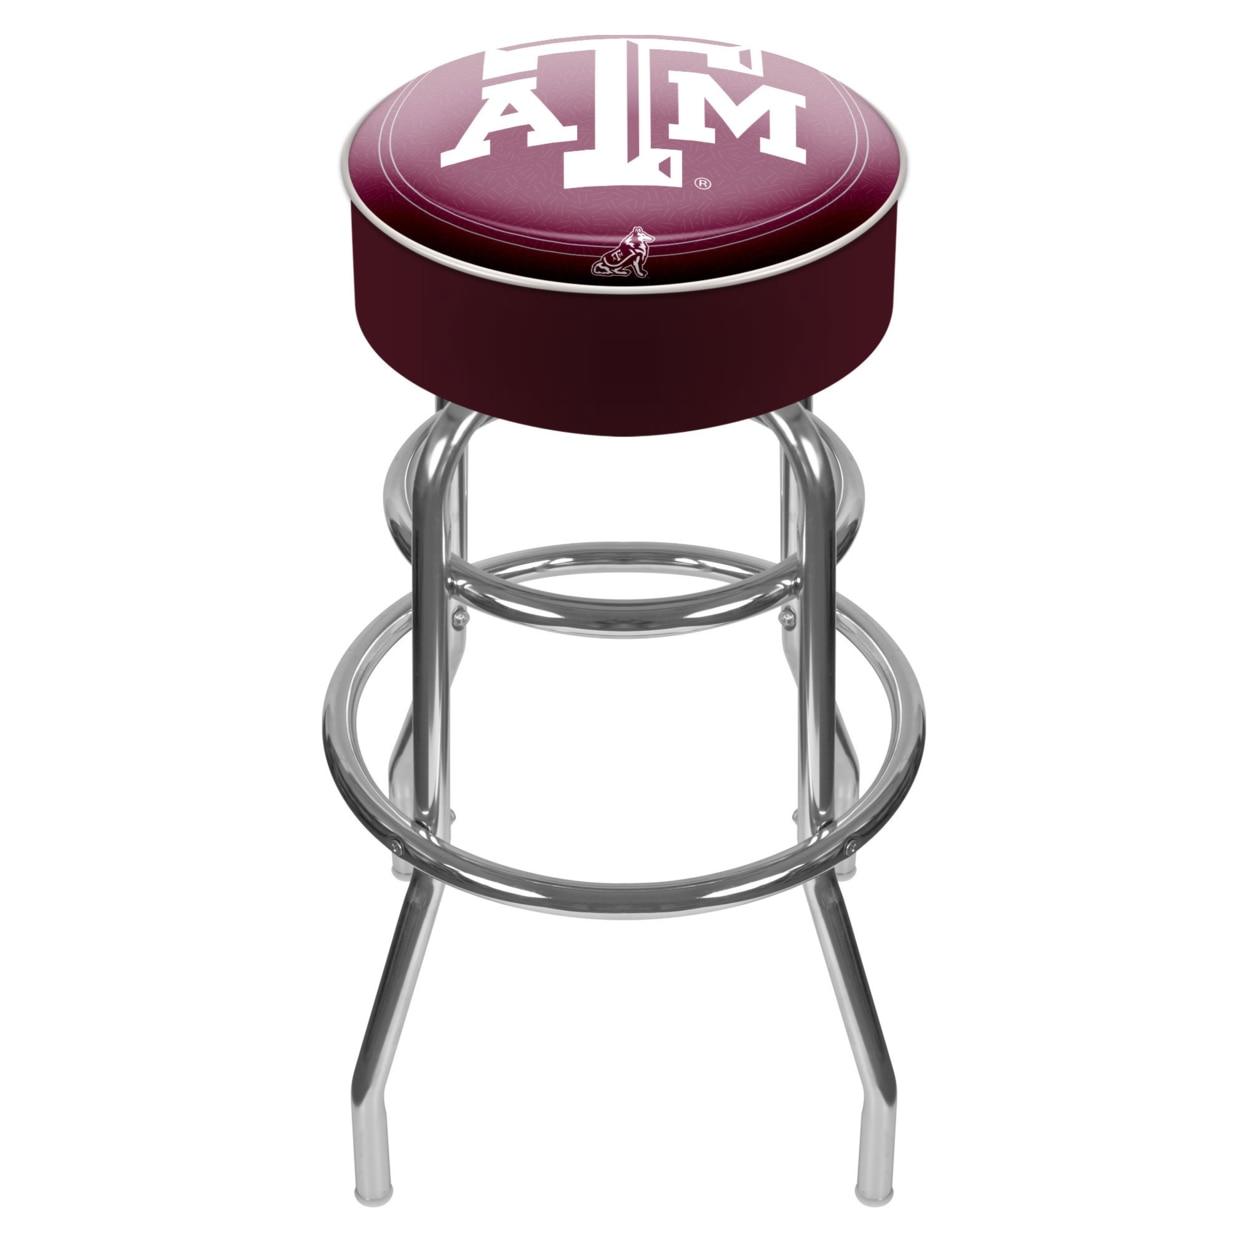 Техасского университета мягкий поворотный барный стул 30 дюйм(ов) высокое